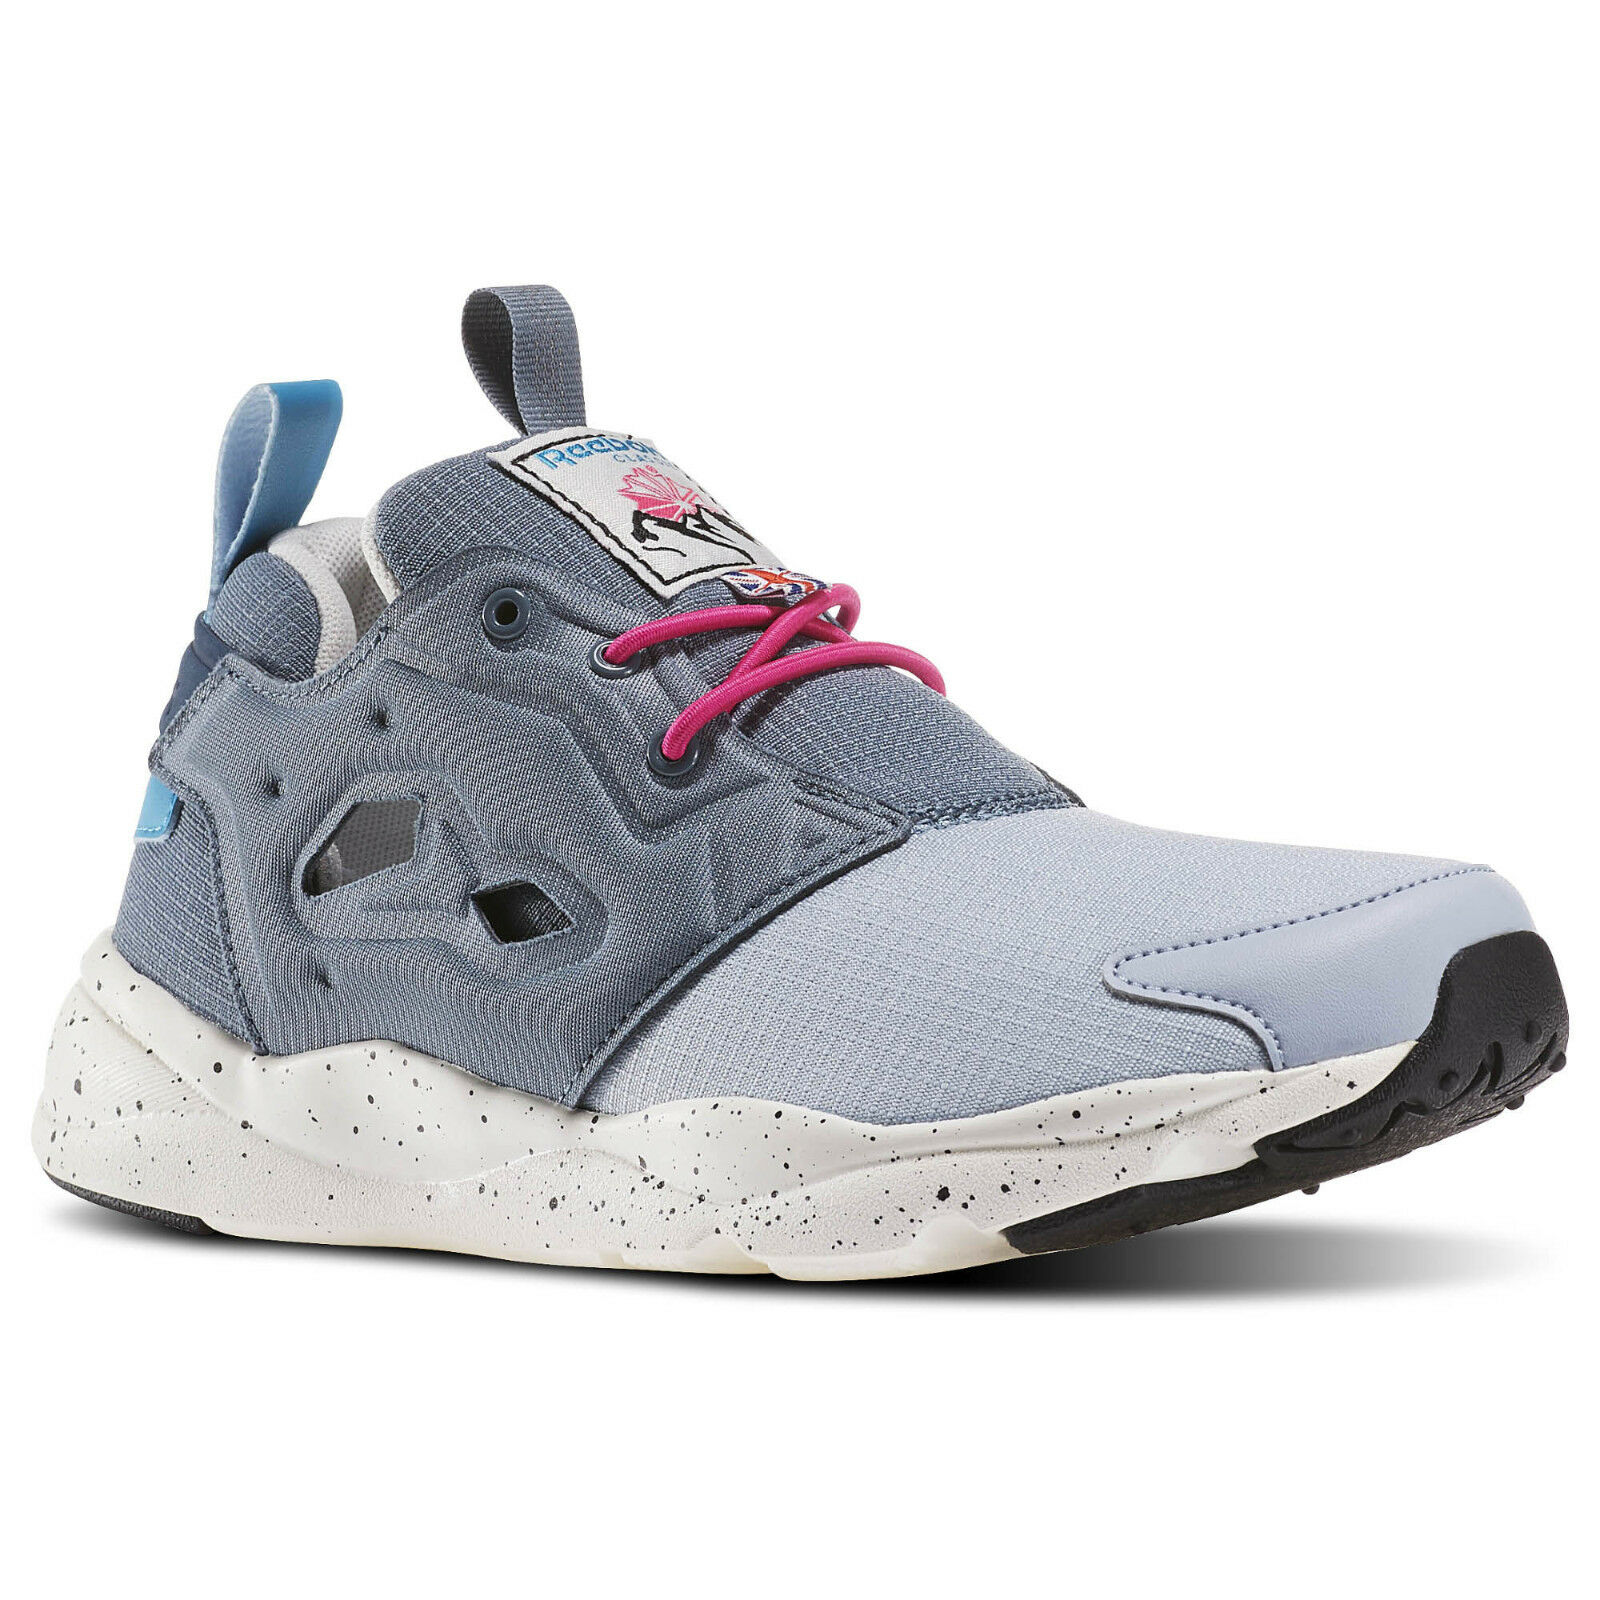 Reebok tenis furylite fuera Color gris Baja ZapatilDe mujer Zapatos BD1576 Nuevo